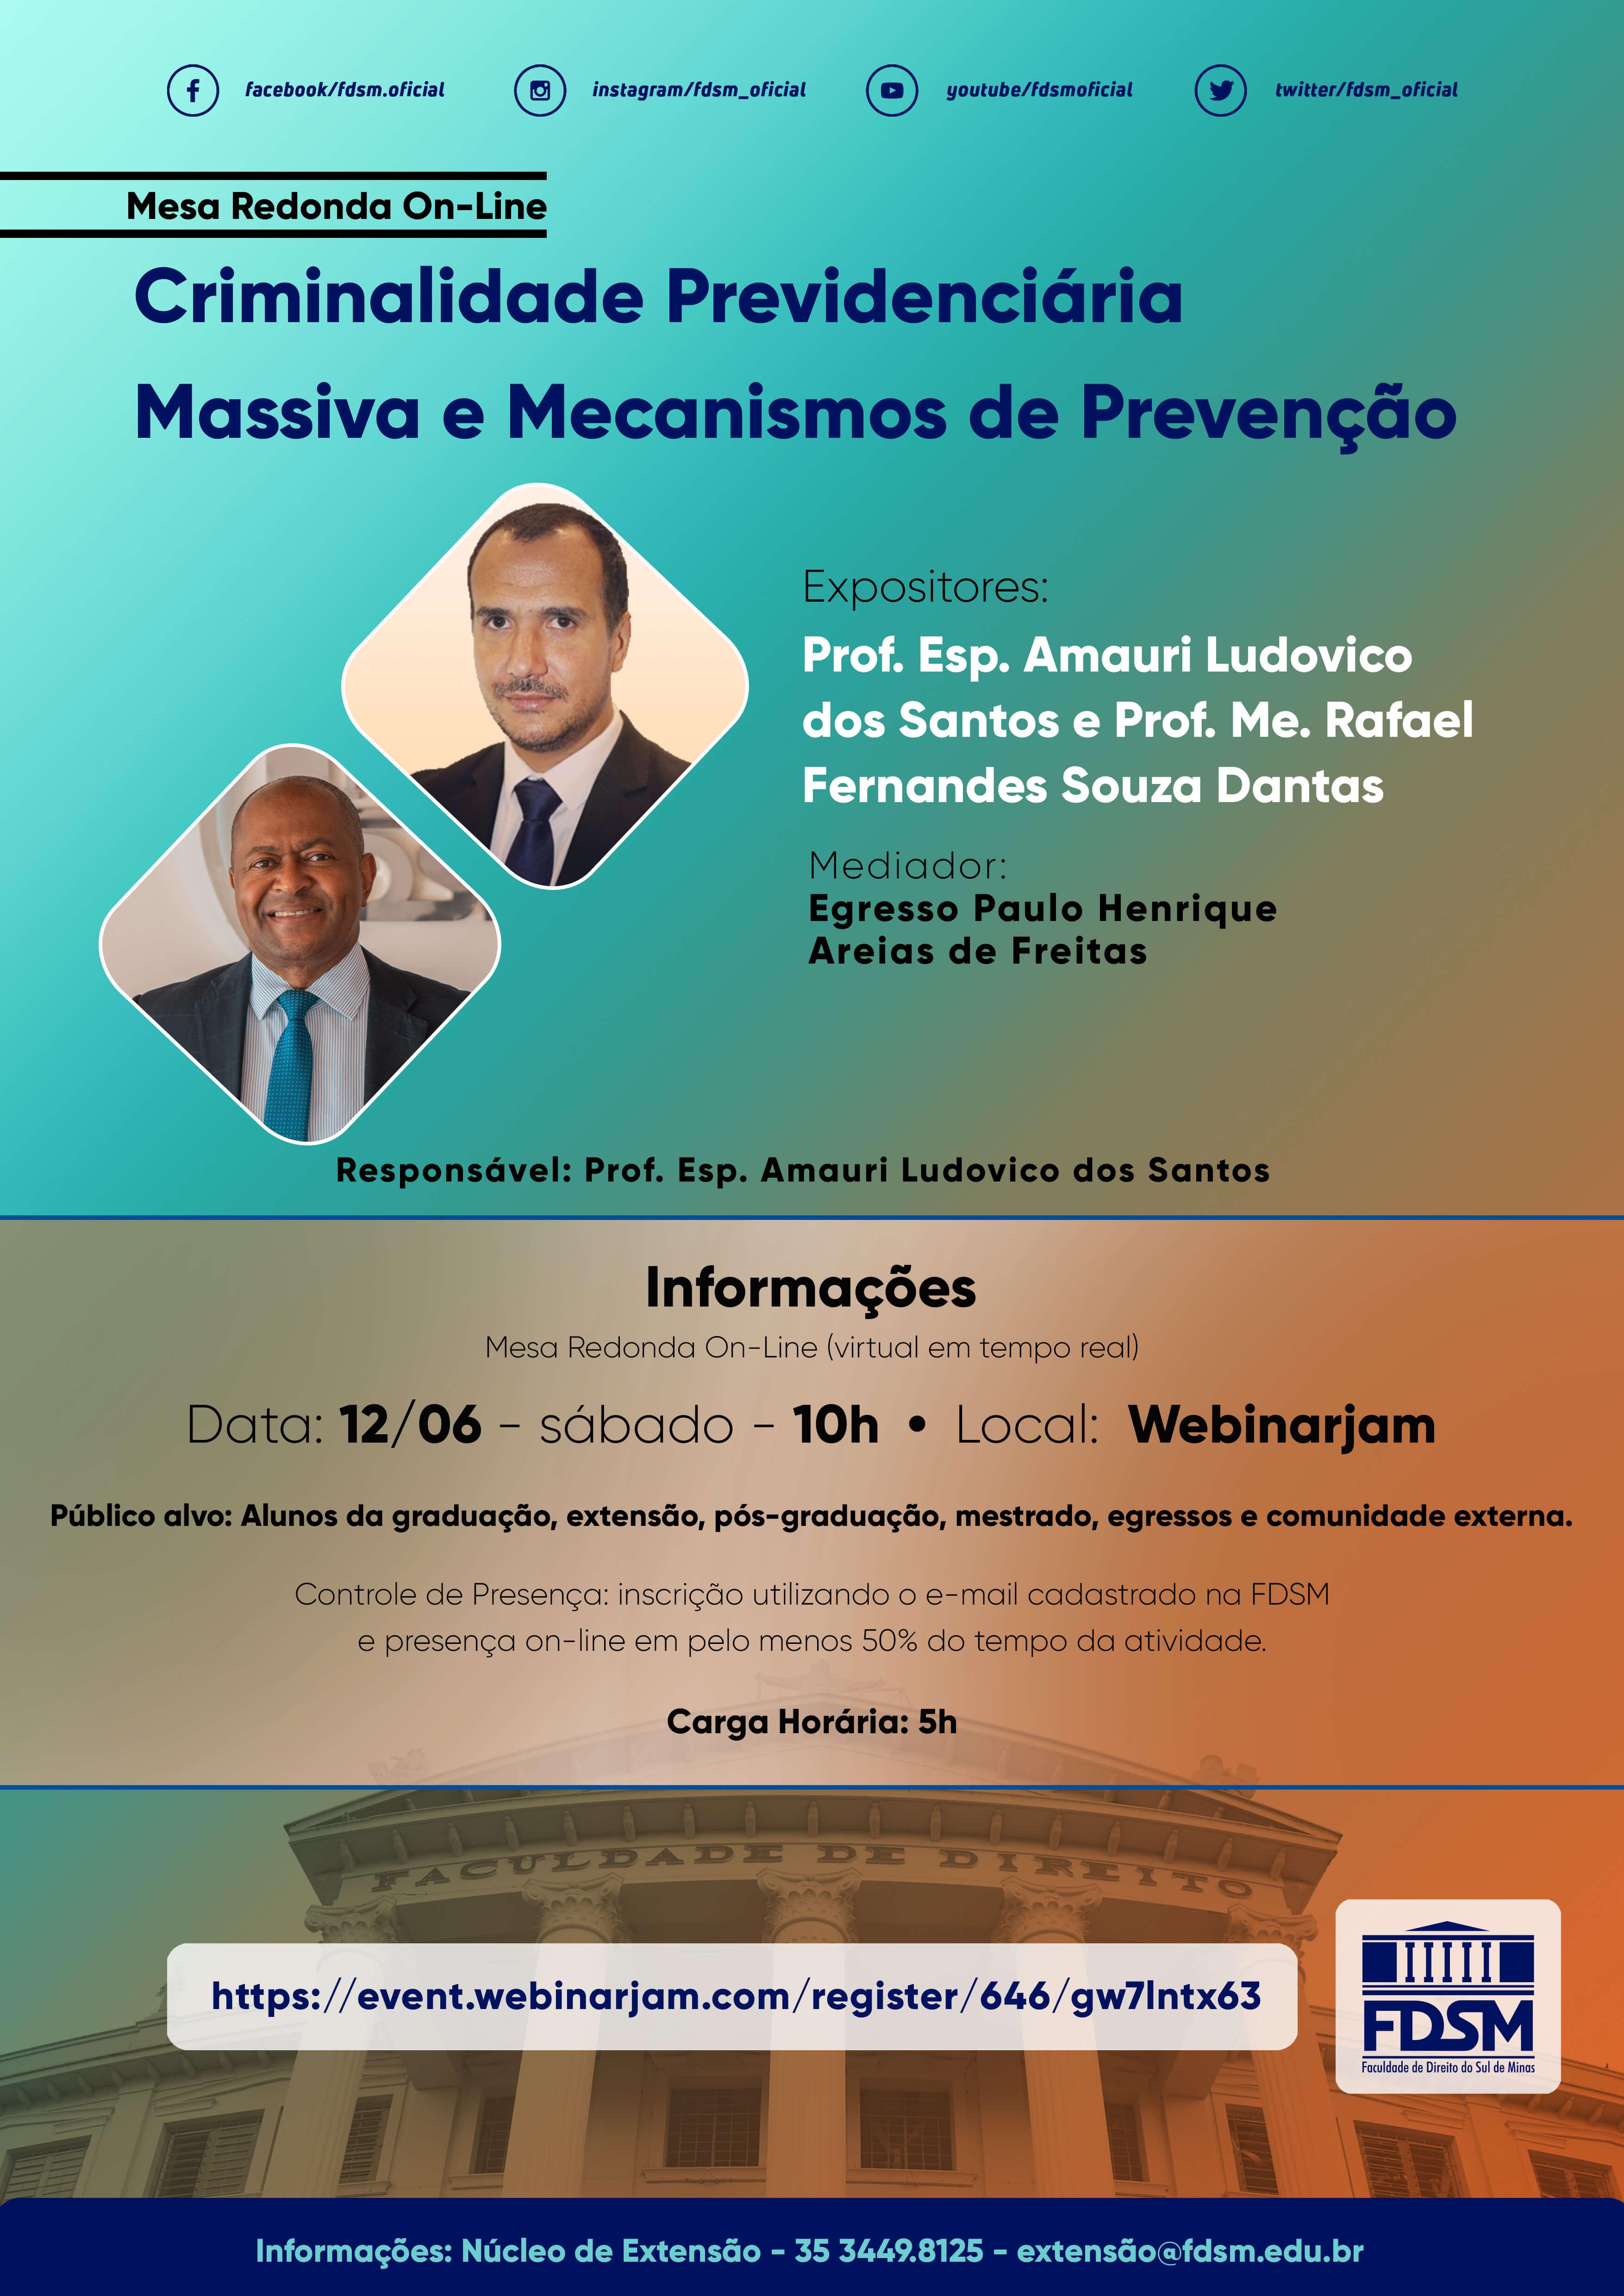 Evento 764 - MESA REDONDA 'CRIMINALIDADE PREVIDENCIÁRIA MASSIVA E MECANISMOS DE PREVENÇÃO'.